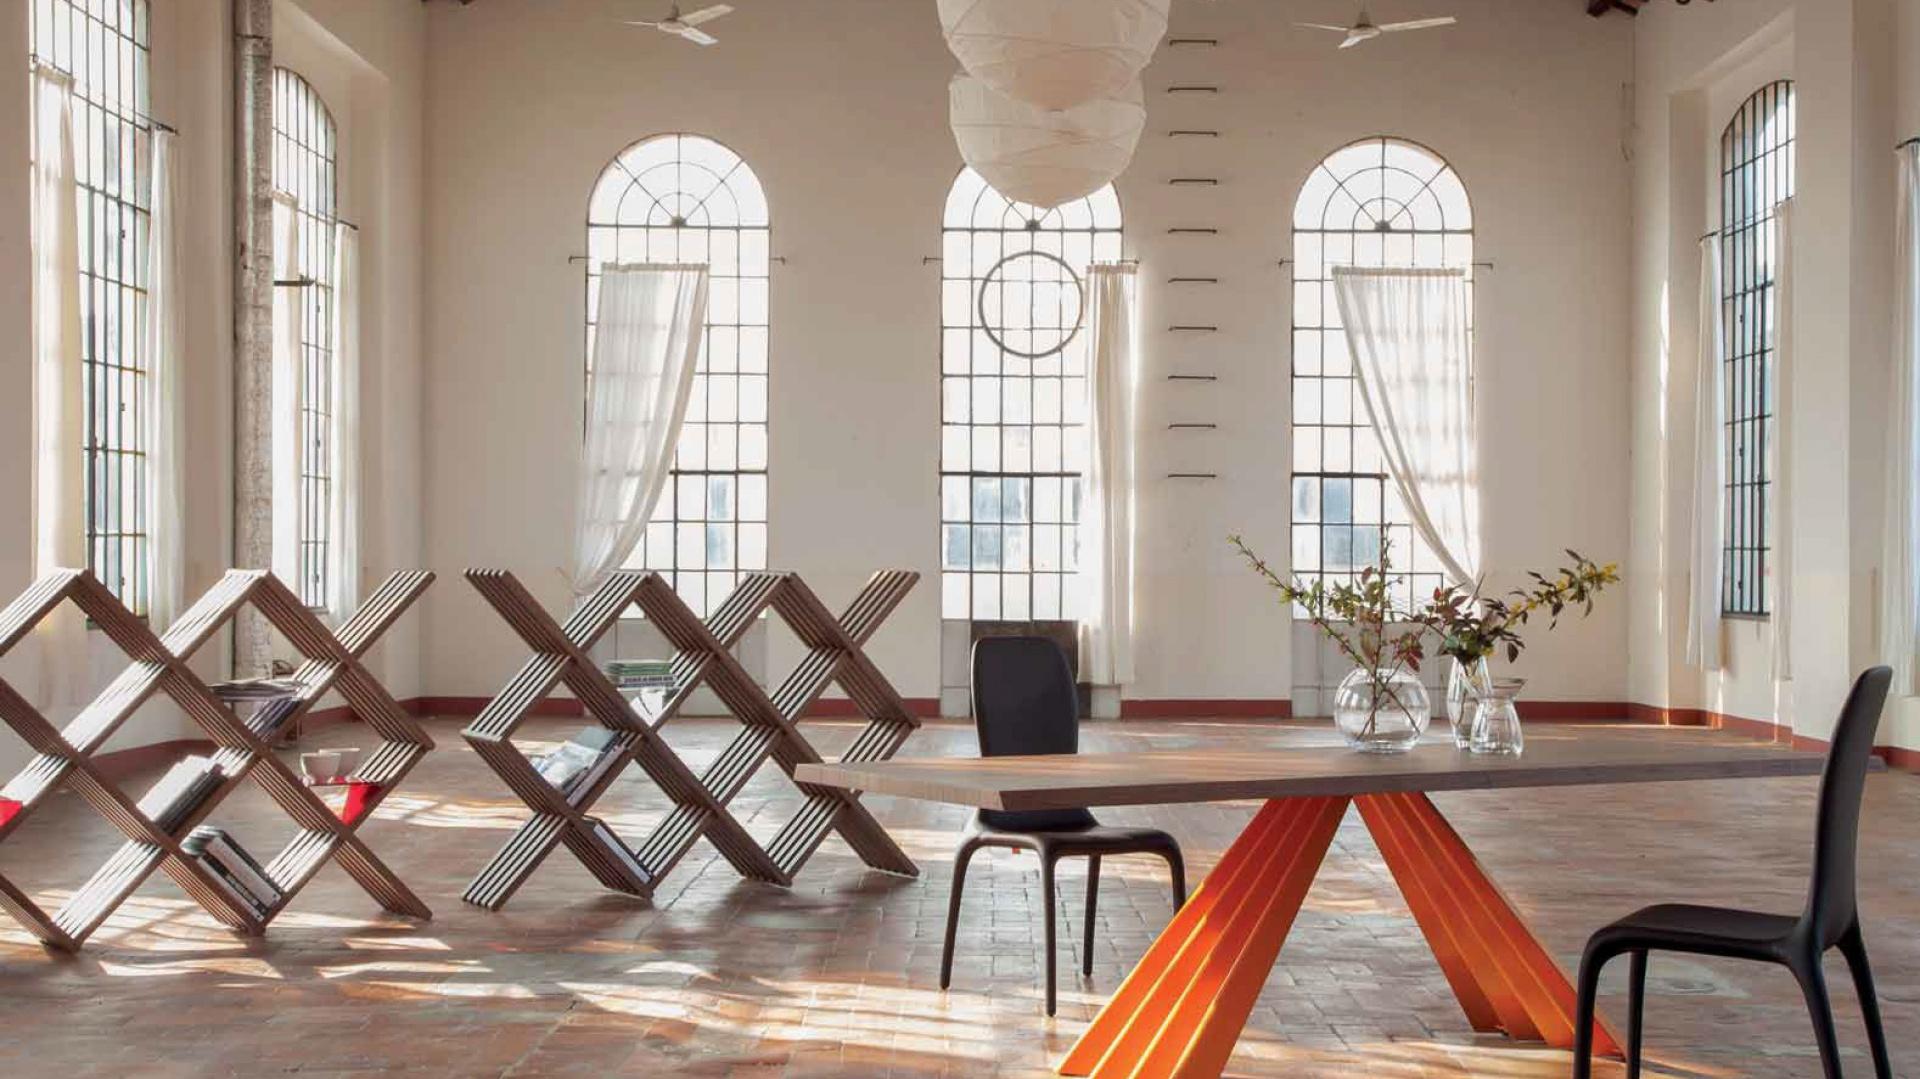 Nowoczesny stół Color Power Tonin Casa z dekoracyjnym podparciem w energetycznym, pomarańczowym kolorze. Fot. Tonin Casa.